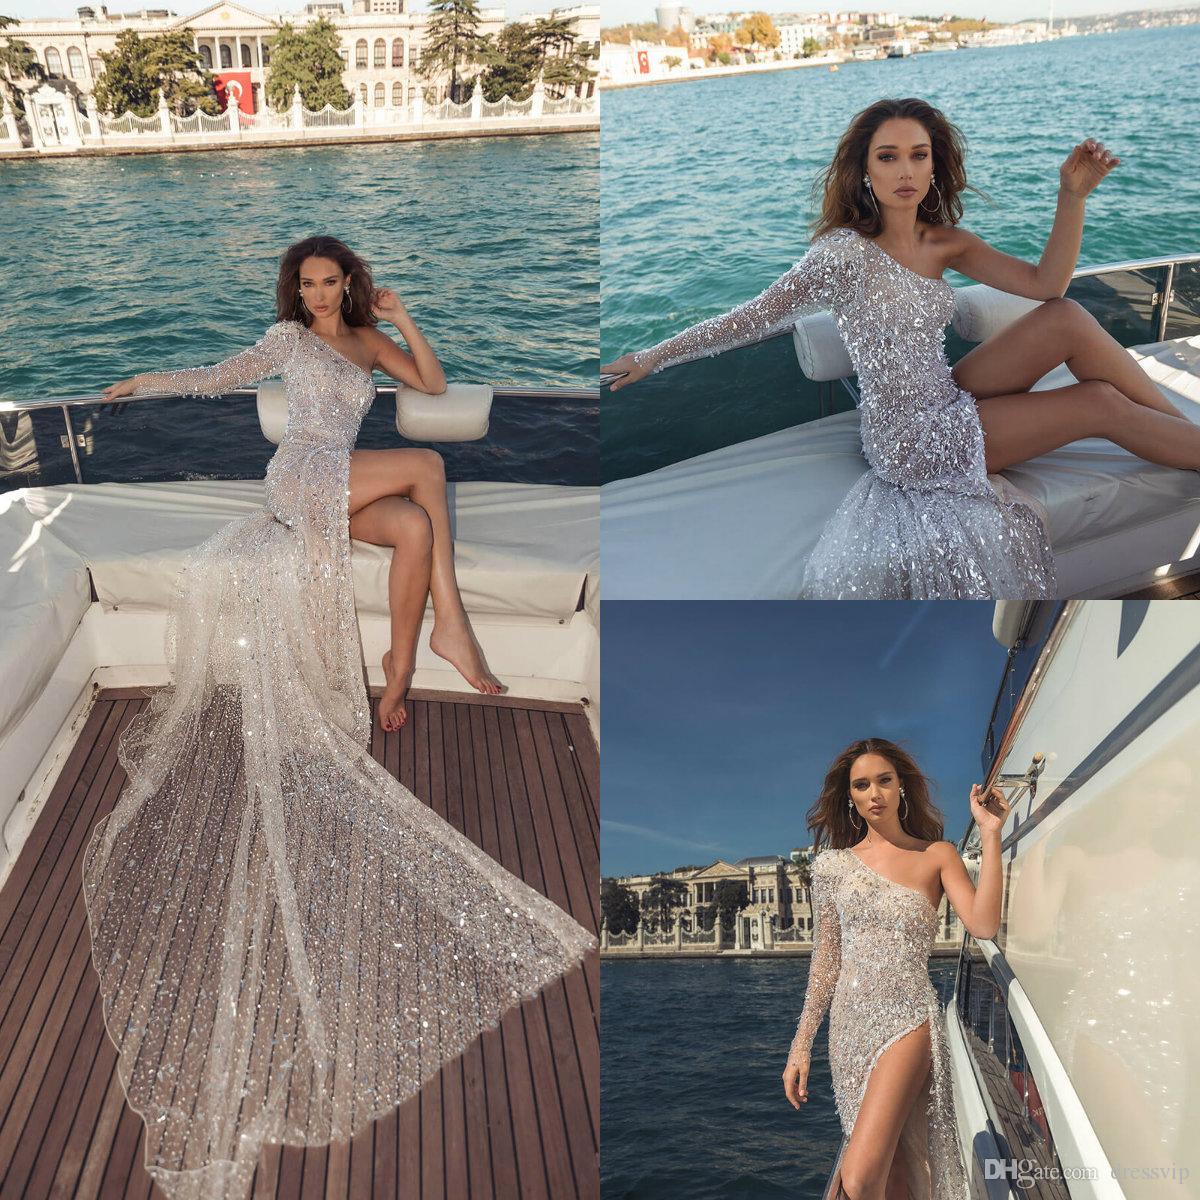 2019 Dimitrius Dalia Praia Vestidos de casamento de um ombro cristal Sequins Beads Sexy alta Dividir Bohemian vestido de casamento Ilusão vestidos de noiva